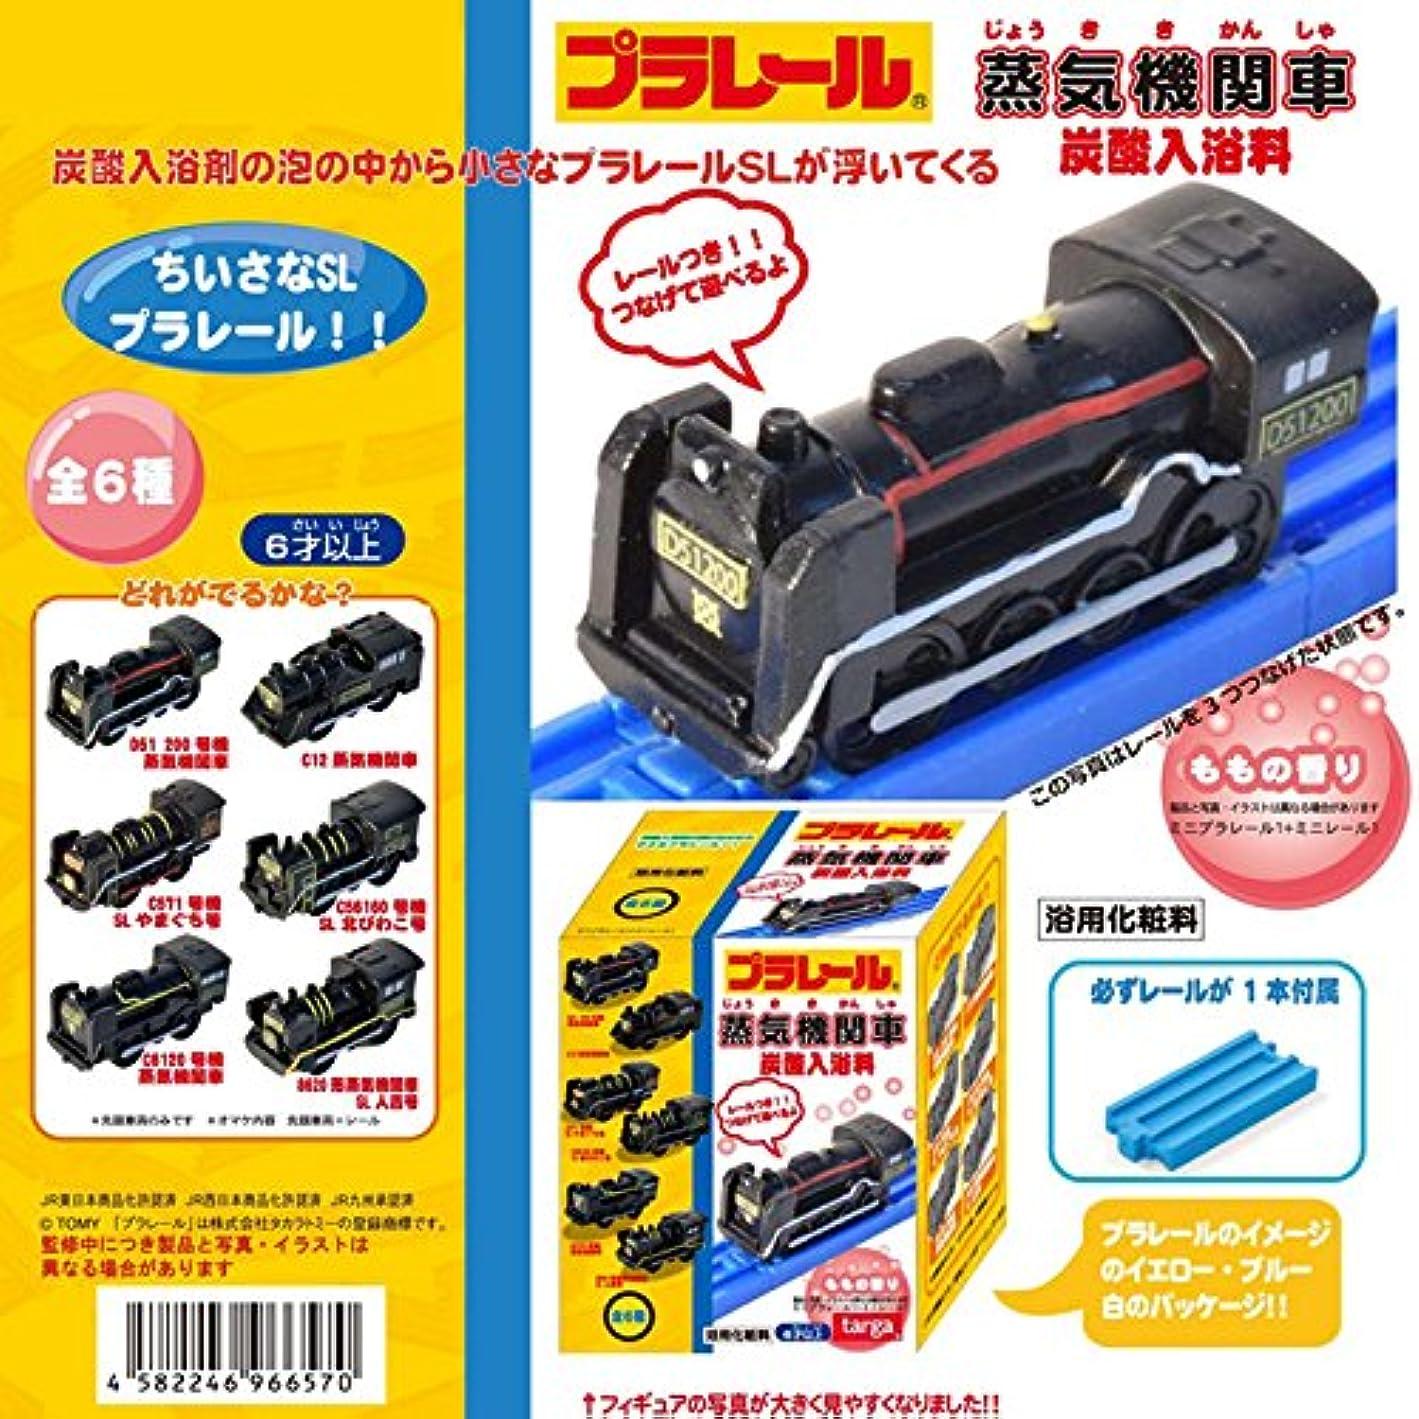 染色痛み誠実さプラレール 蒸気機関車 炭酸入浴料 6個1セット ももの香り レールつき機関車 入浴剤